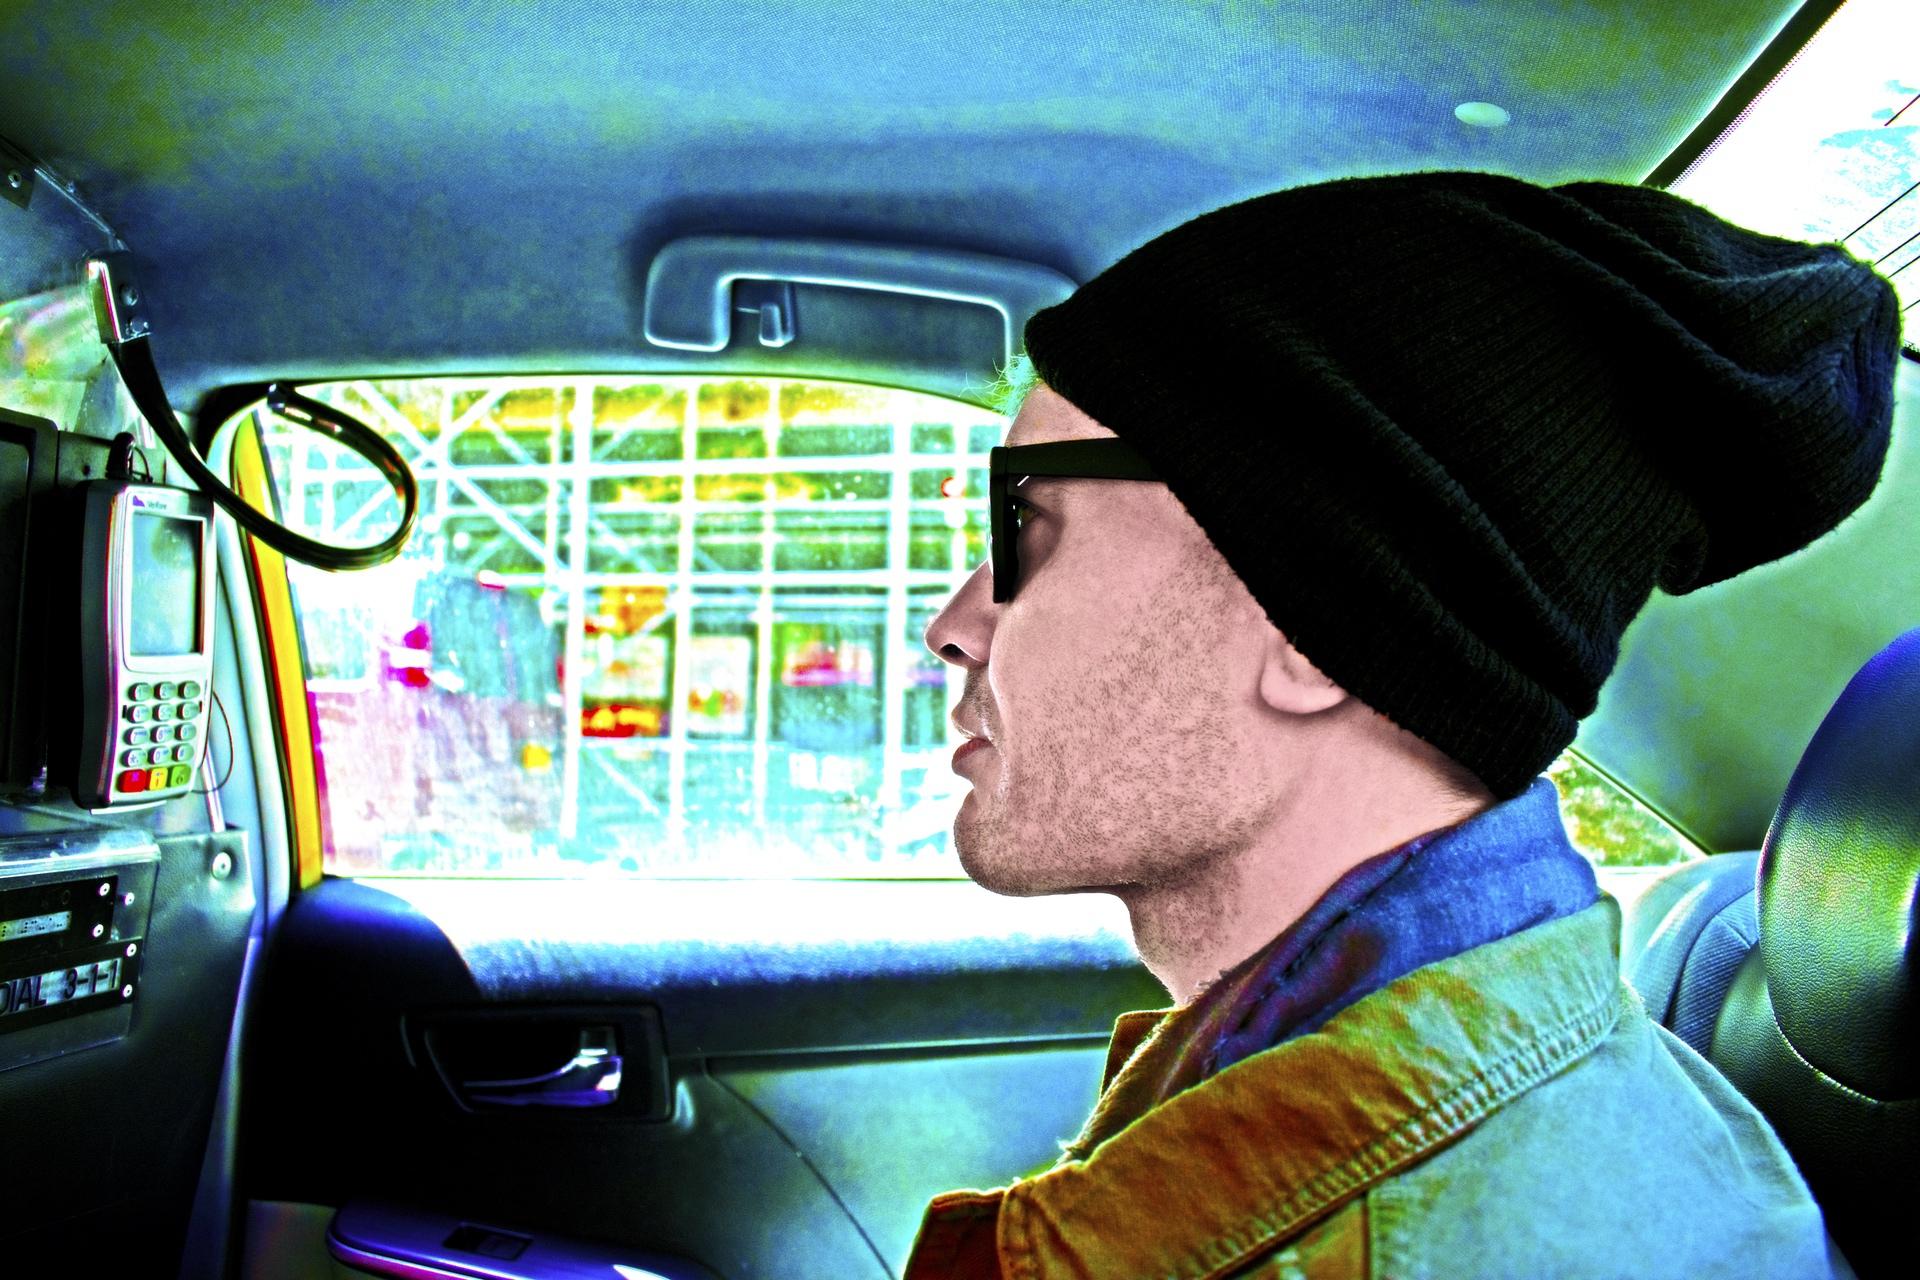 NYC cab by Pako Campo